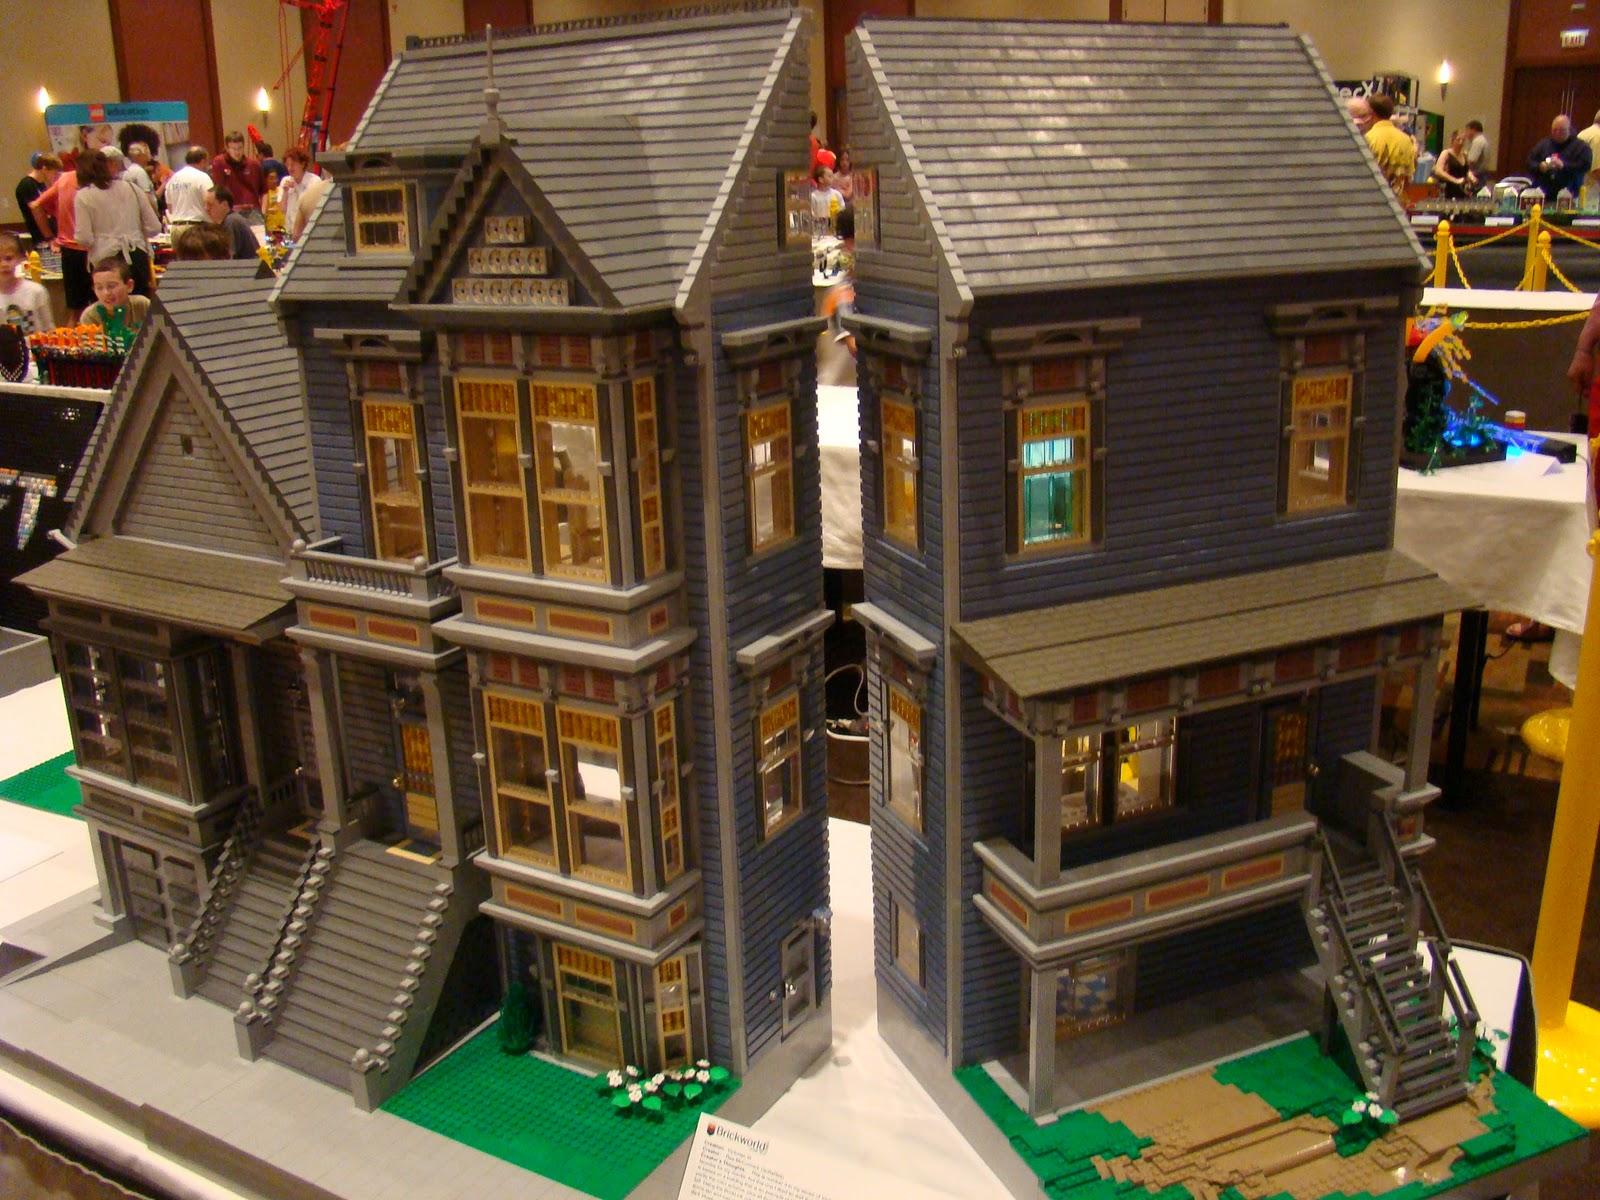 Single LA Dad Photos 20 Pictures Of Lego Victorian Homes